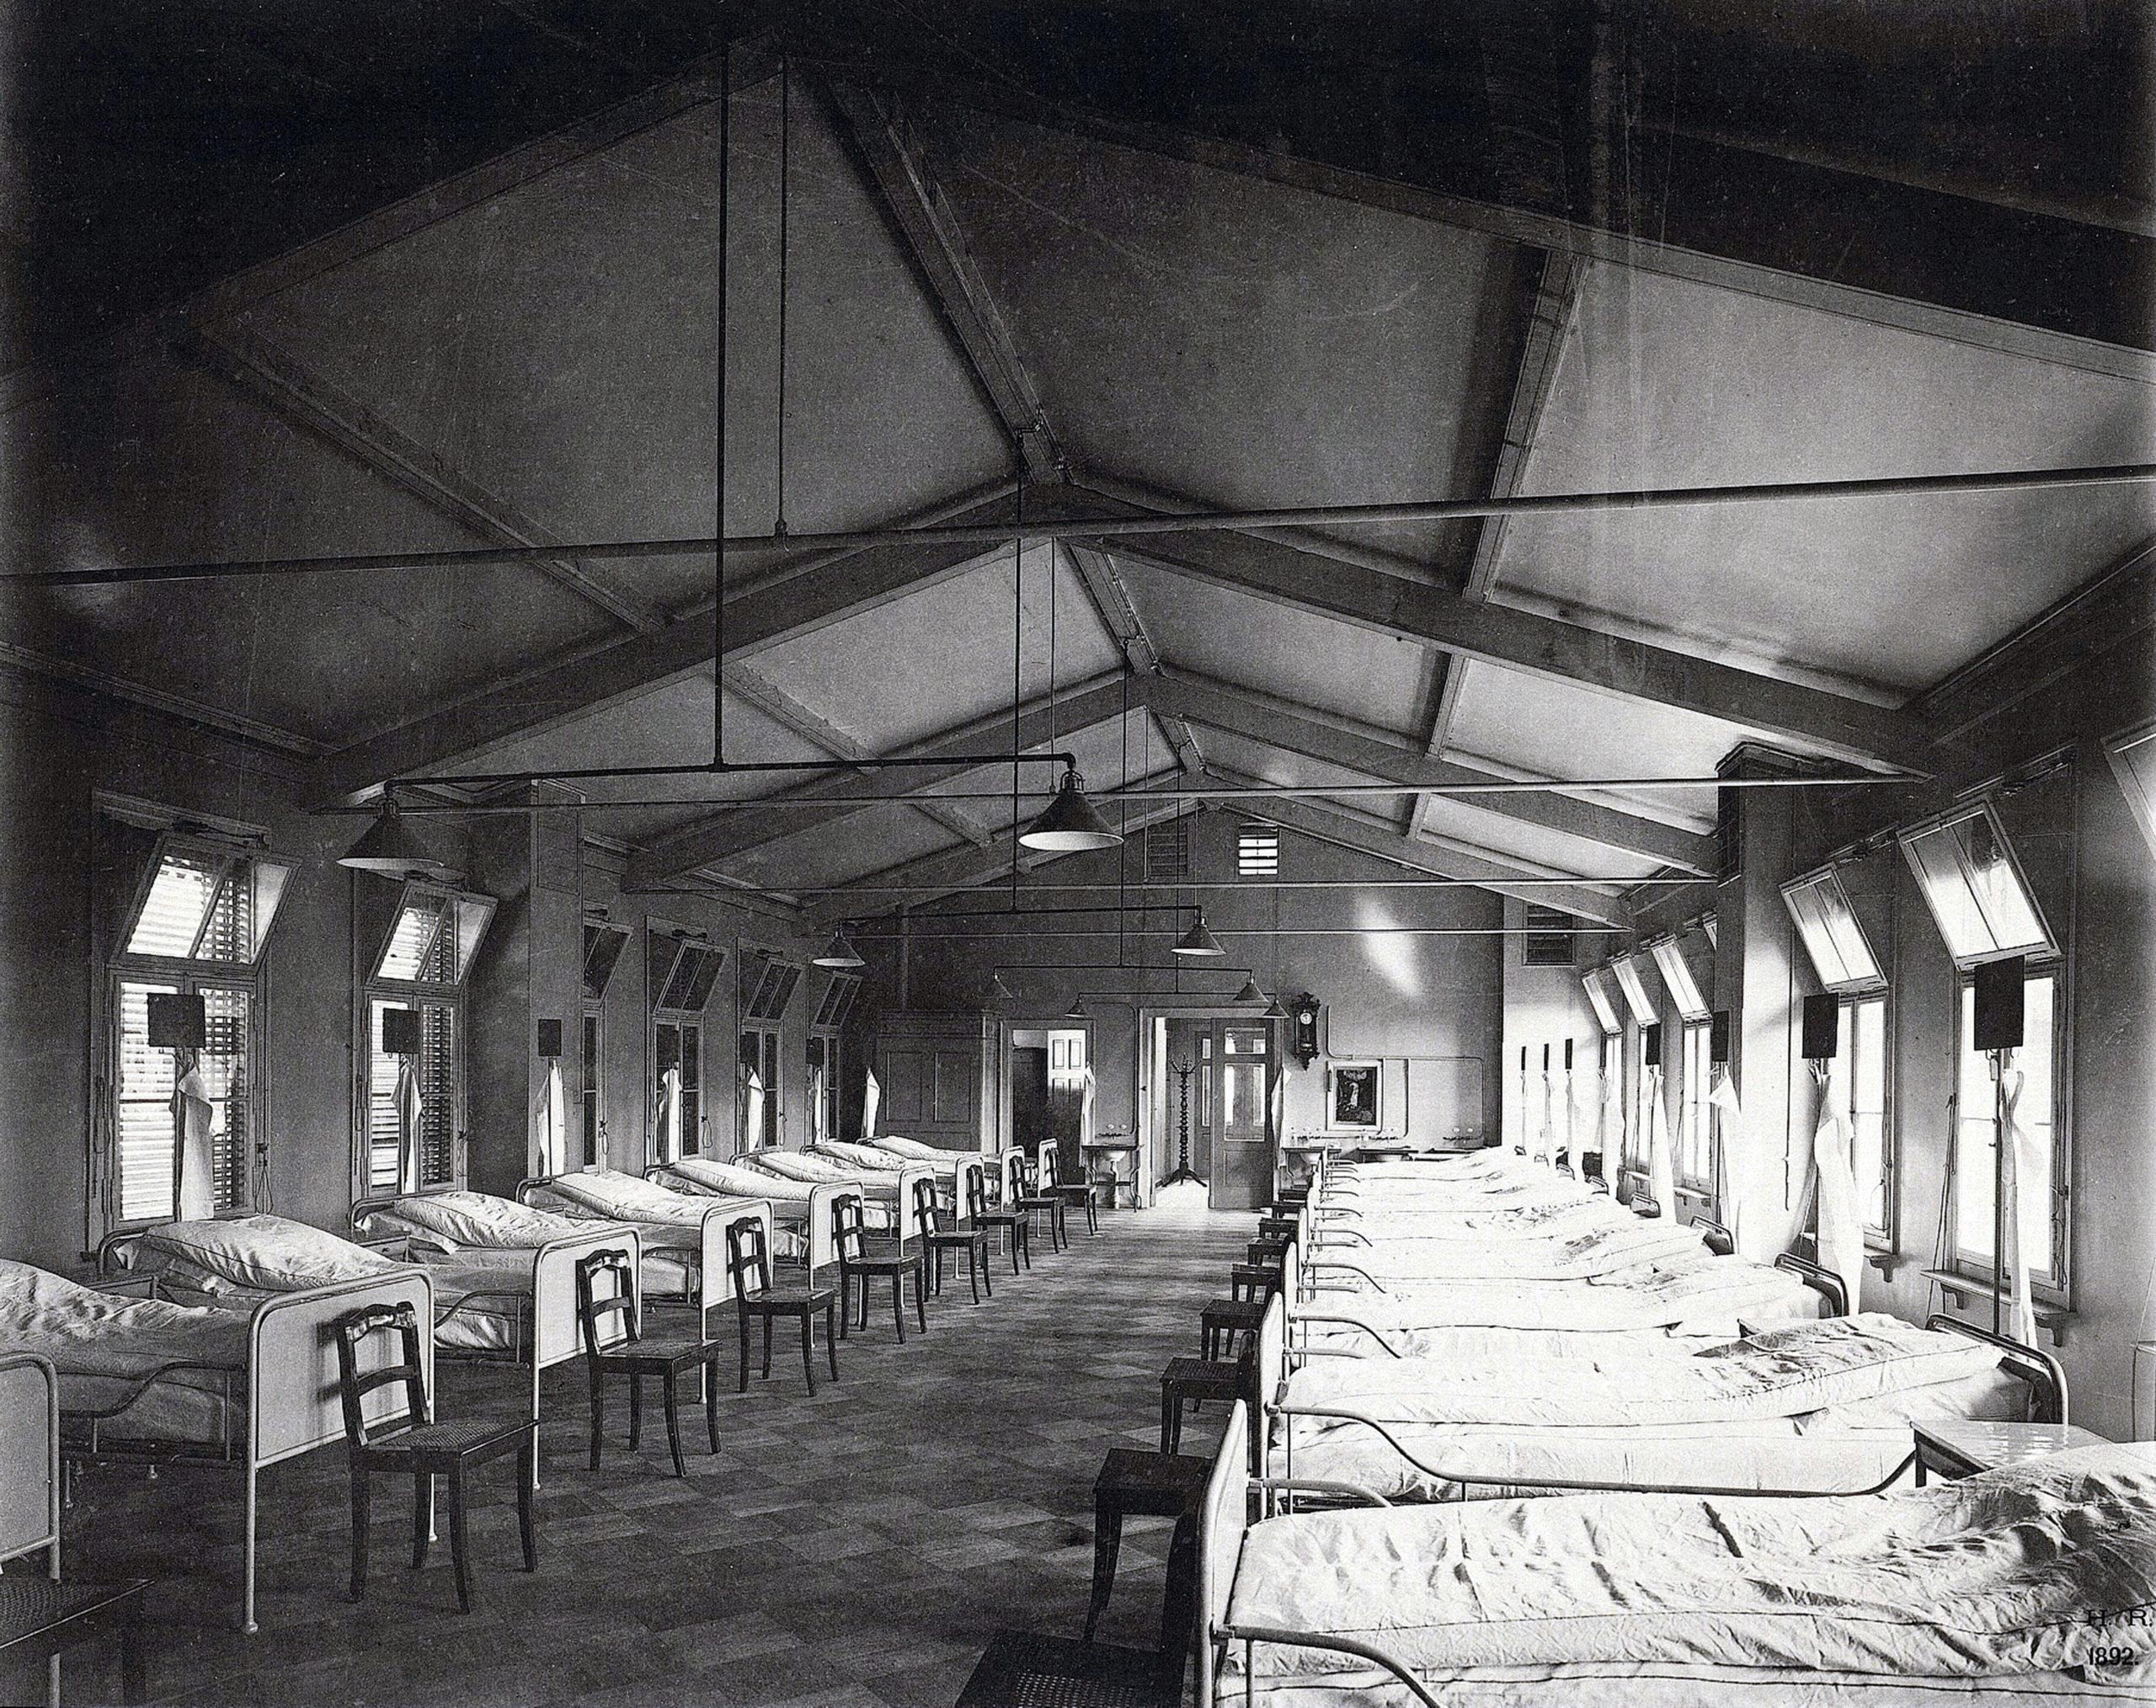 Krankensaal im Institut für Infektionskrankheiten um 1892. Foto: Hermann Rückwardt/Architekturmuseum der Technischen Universität Berlin